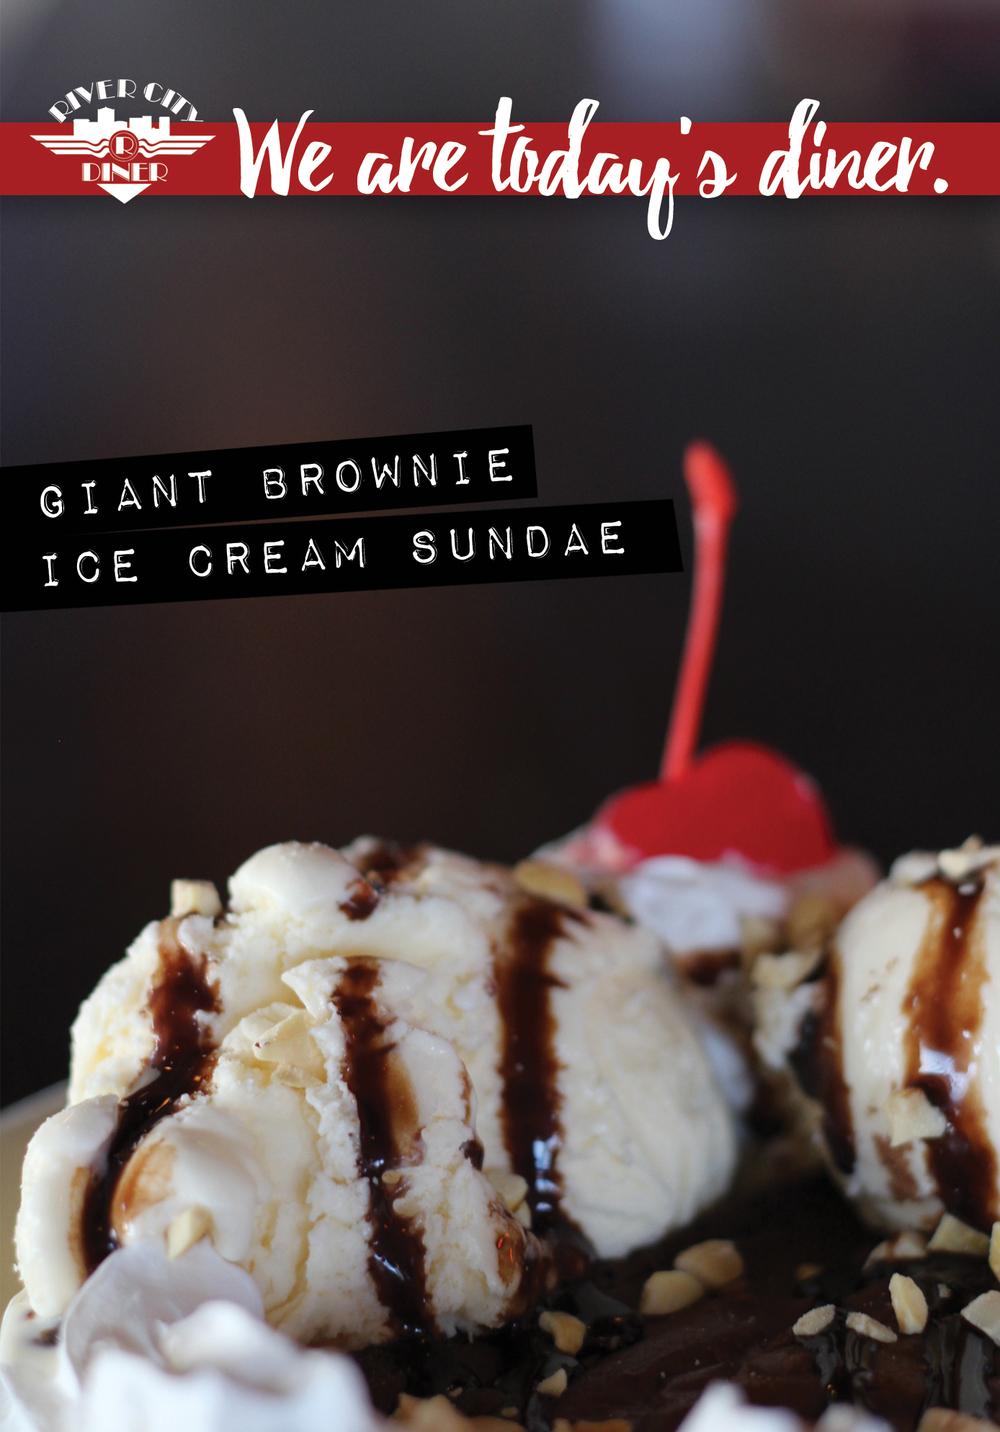 BrownieSundae.jpg